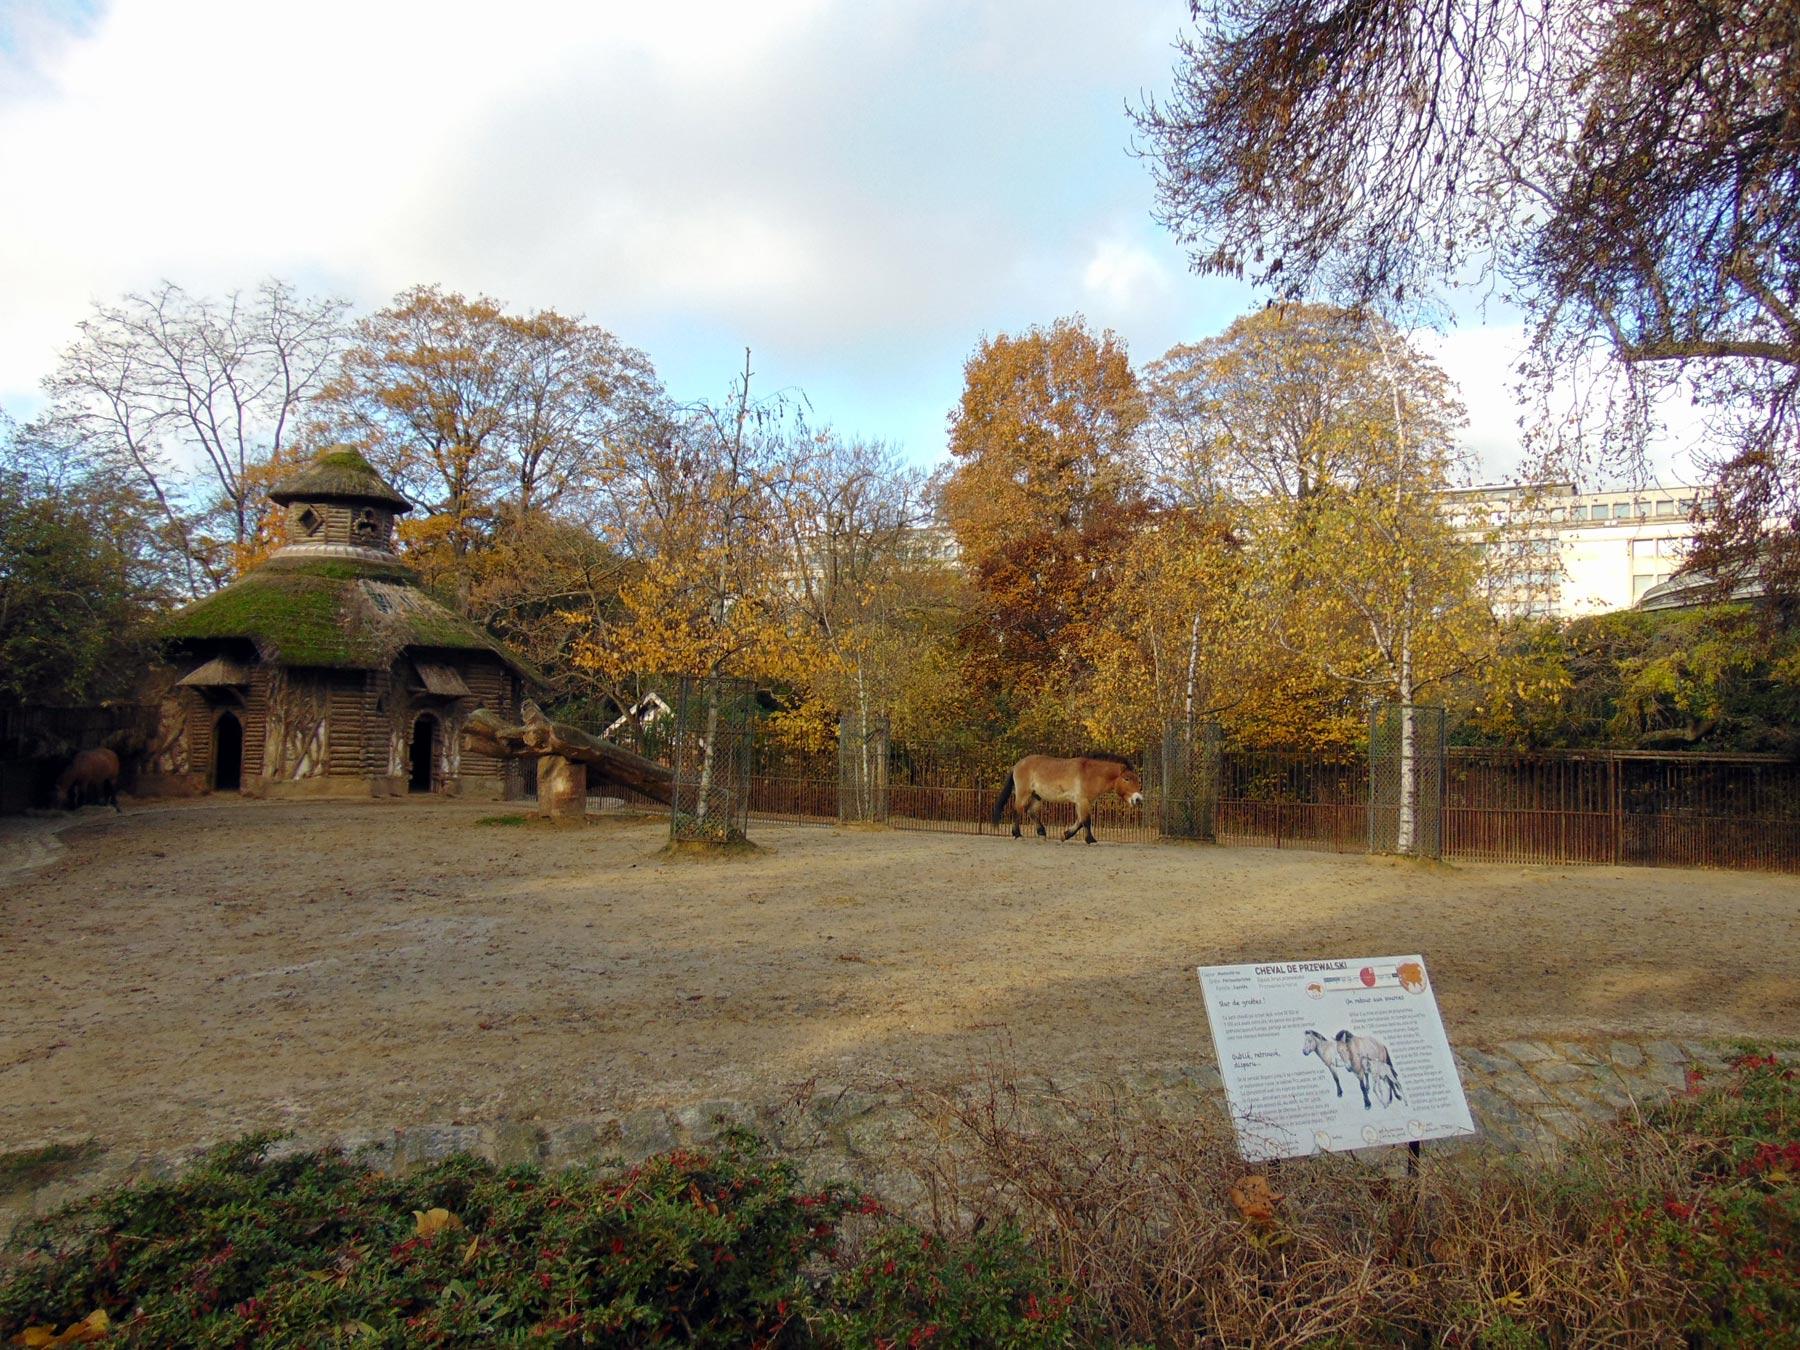 зоопарк при Ботаническом саде в Париже осенью